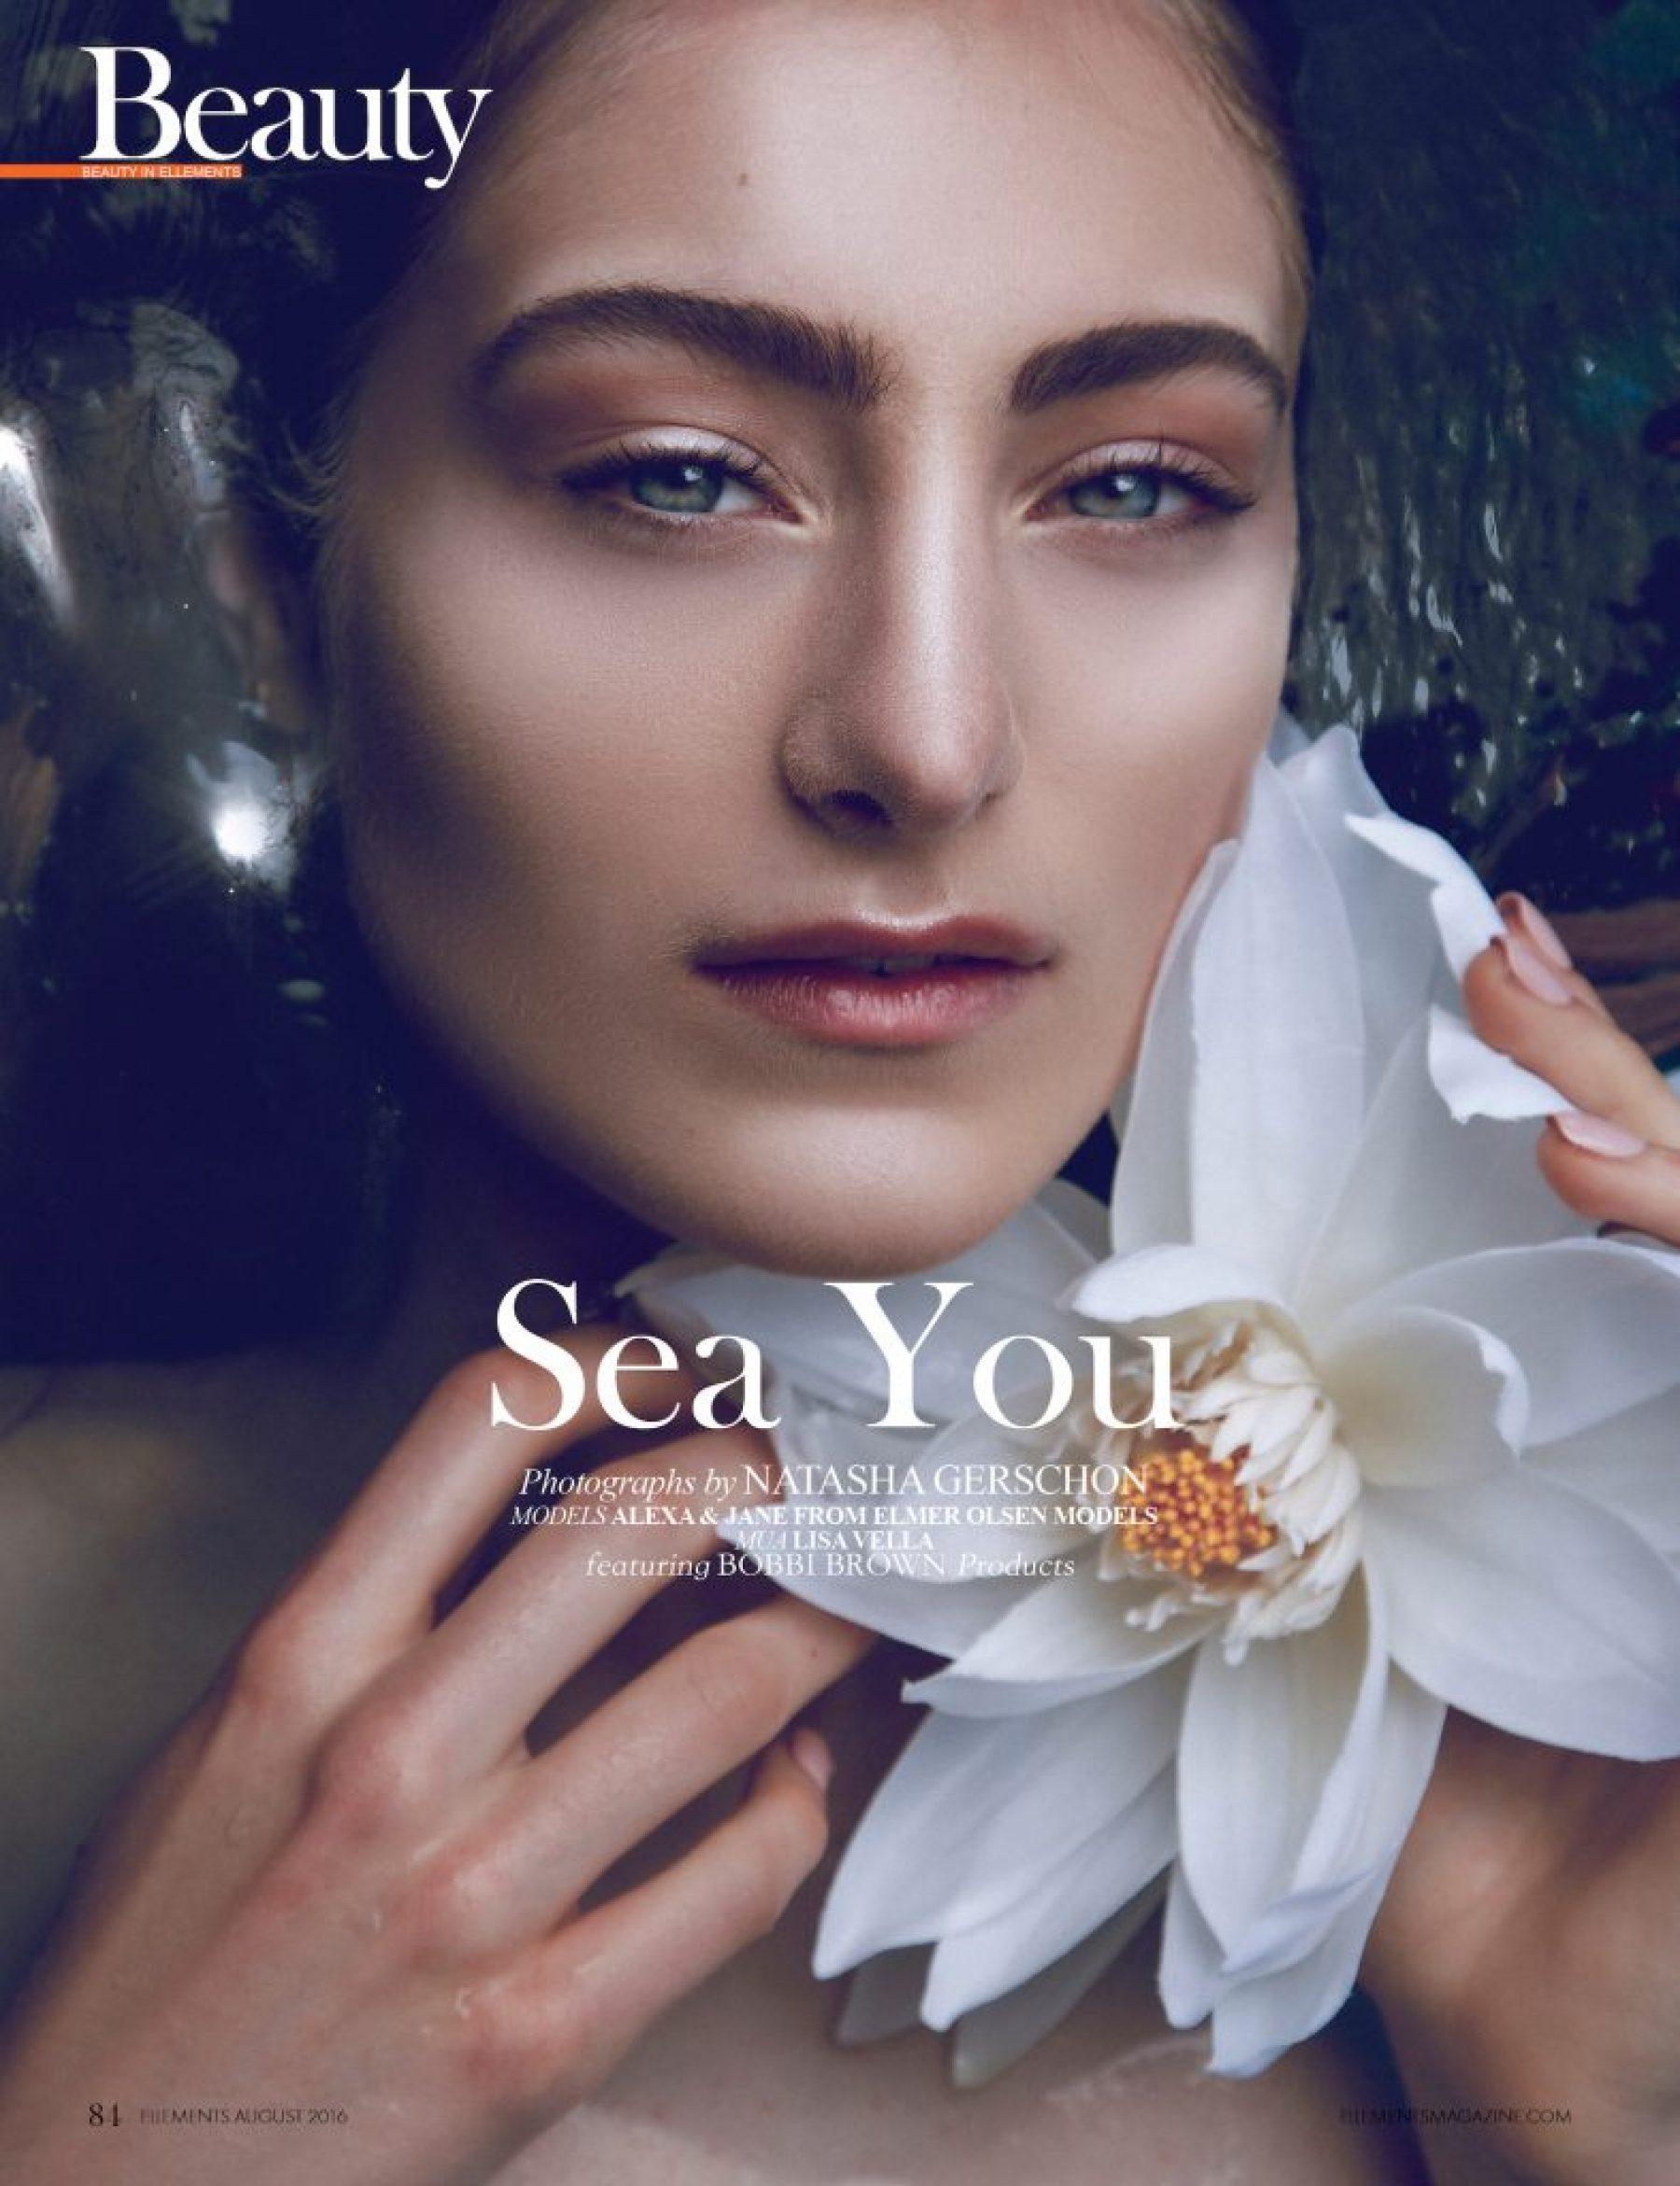 sea-you-ellements-mag-sept-web-cover